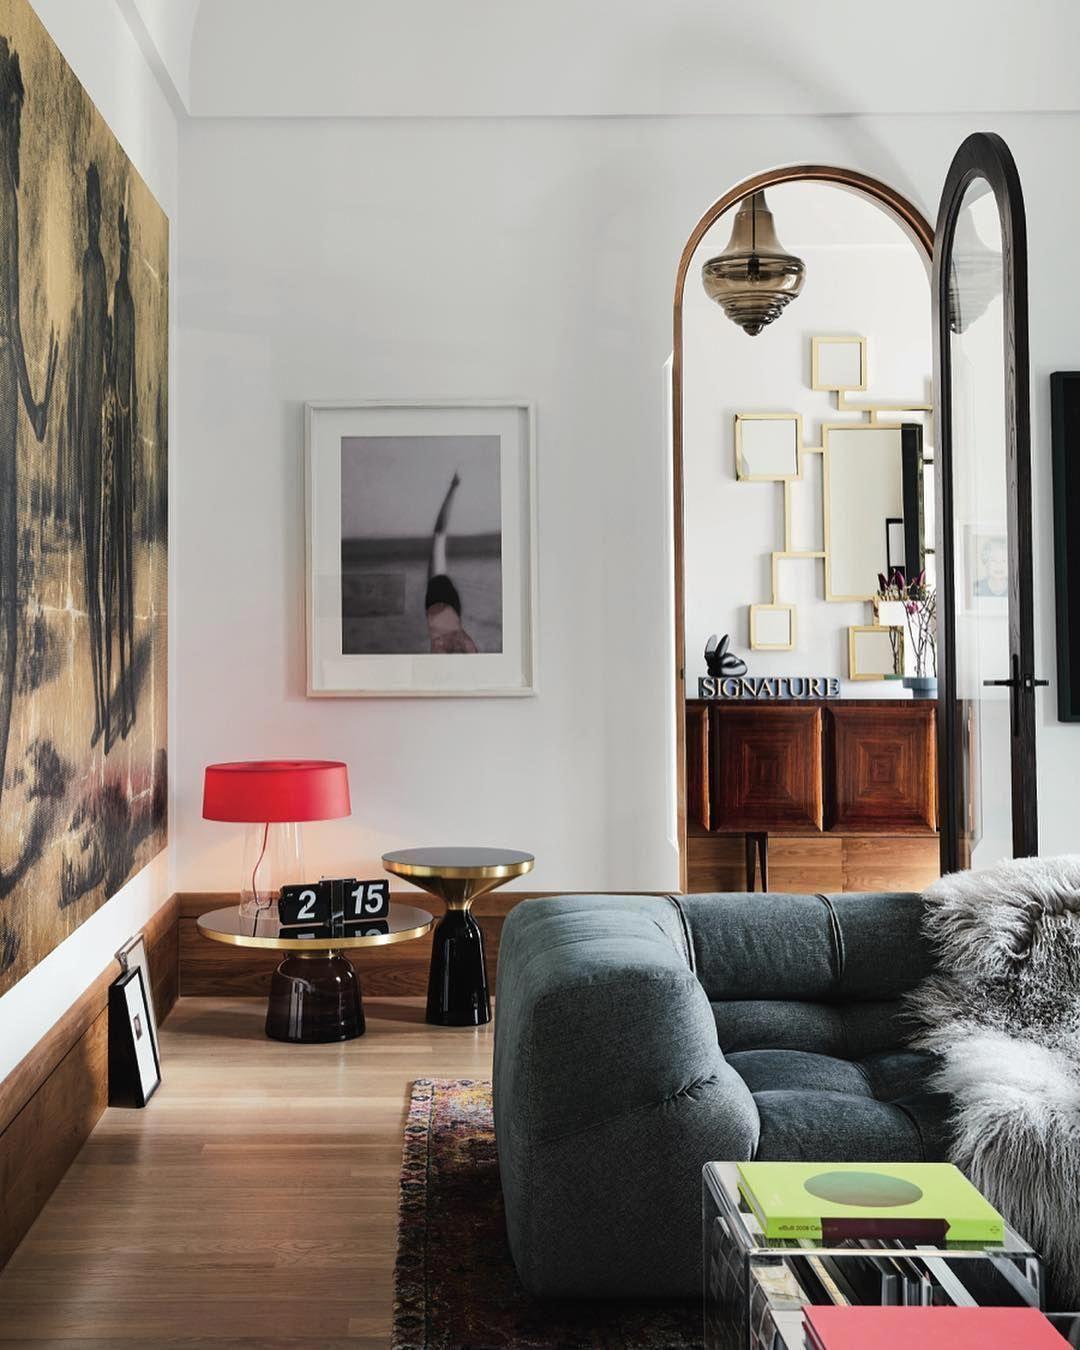 moderninteriordoors home inspiration in 2019 pinterest home rh pinterest com